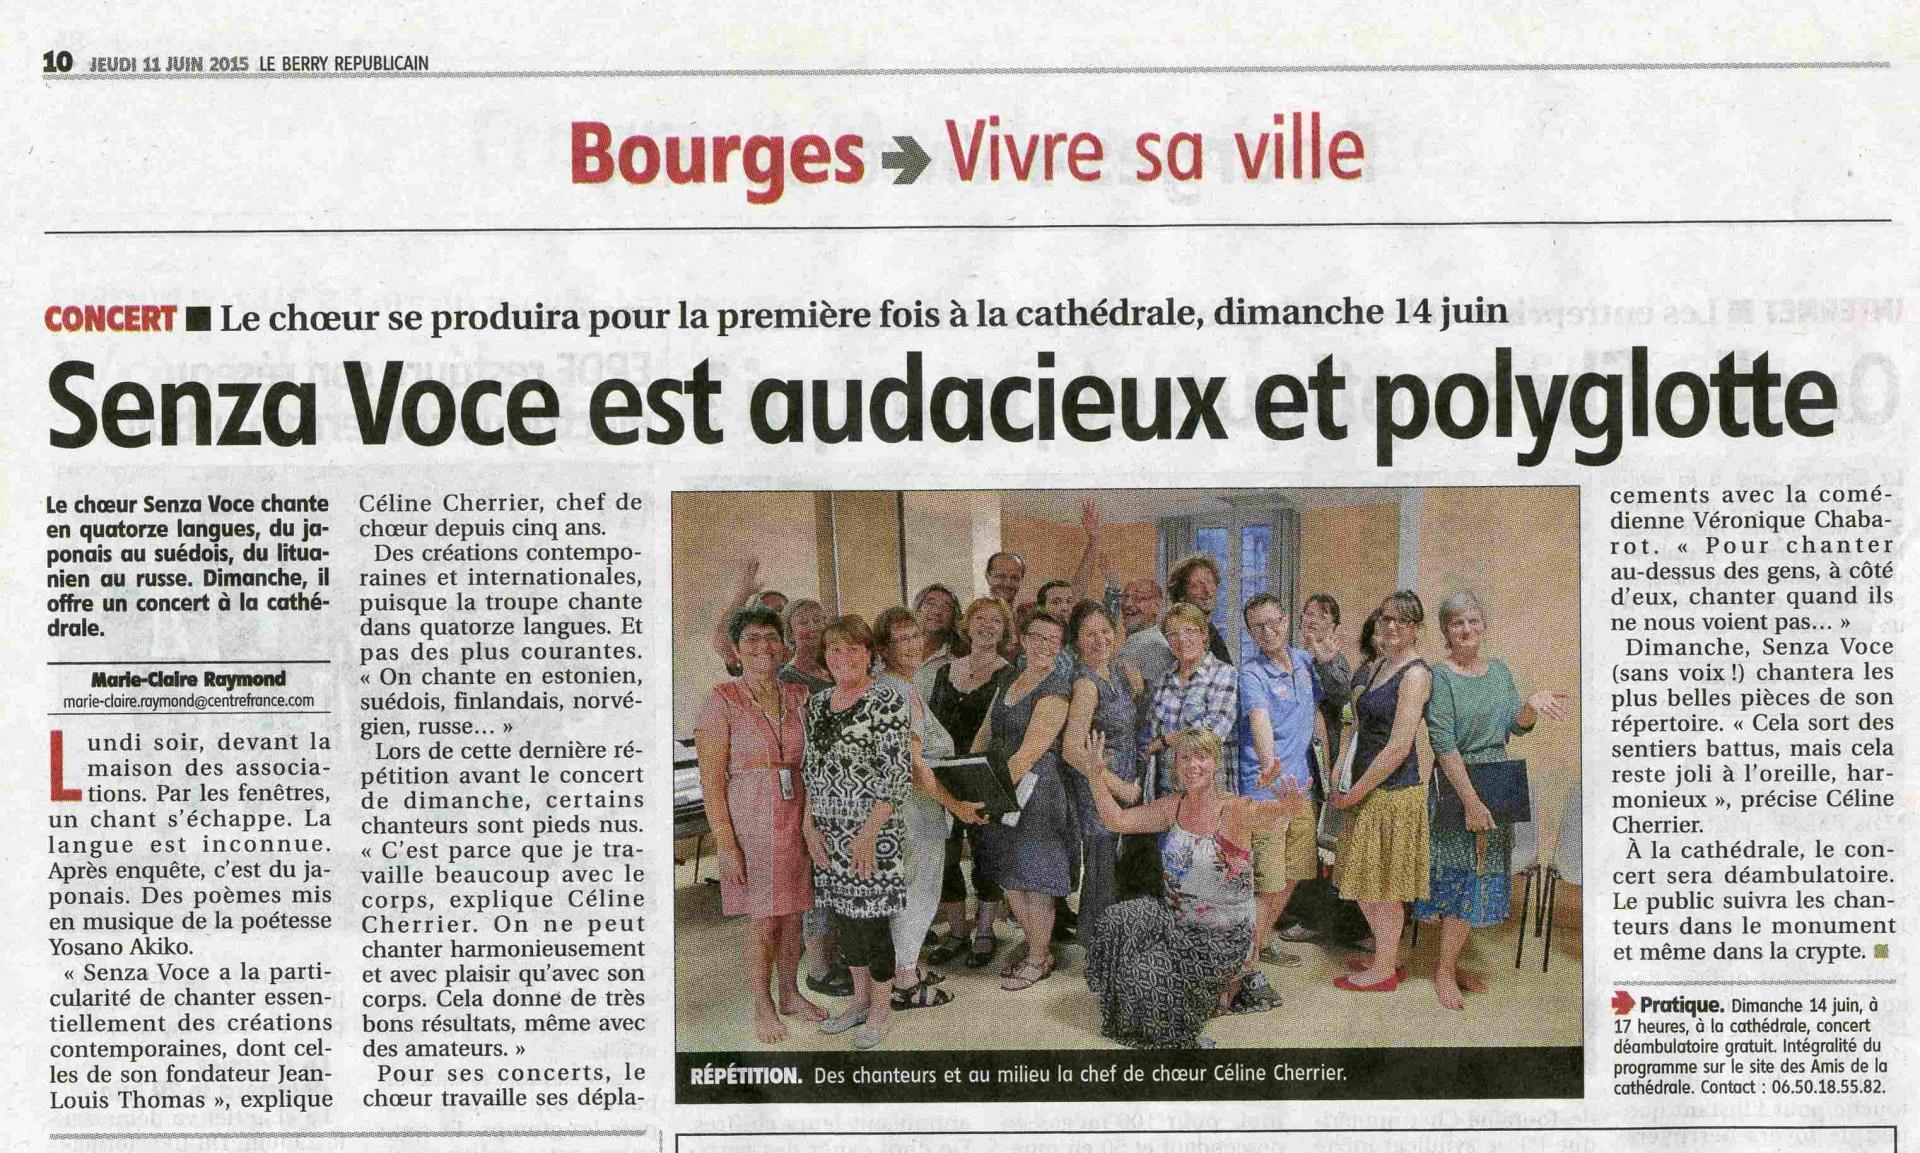 Concert cathédrale de bourges 14/06/2015